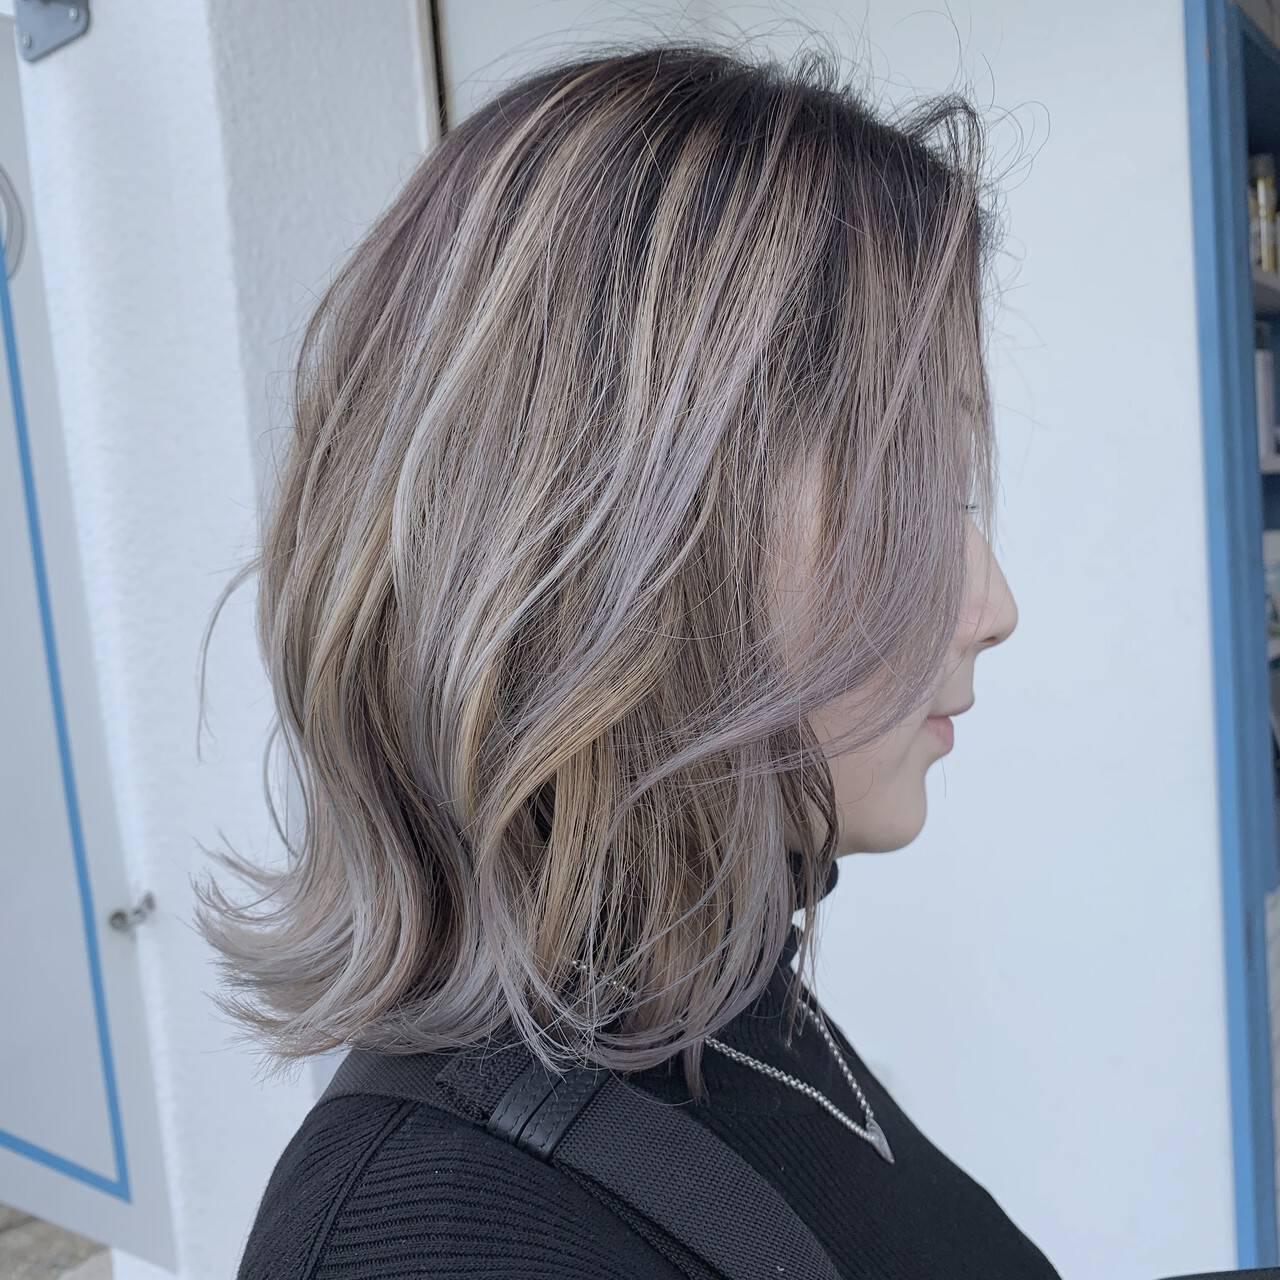 デザインカラー 3Dハイライト 圧倒的透明感 ブリーチヘアスタイルや髪型の写真・画像